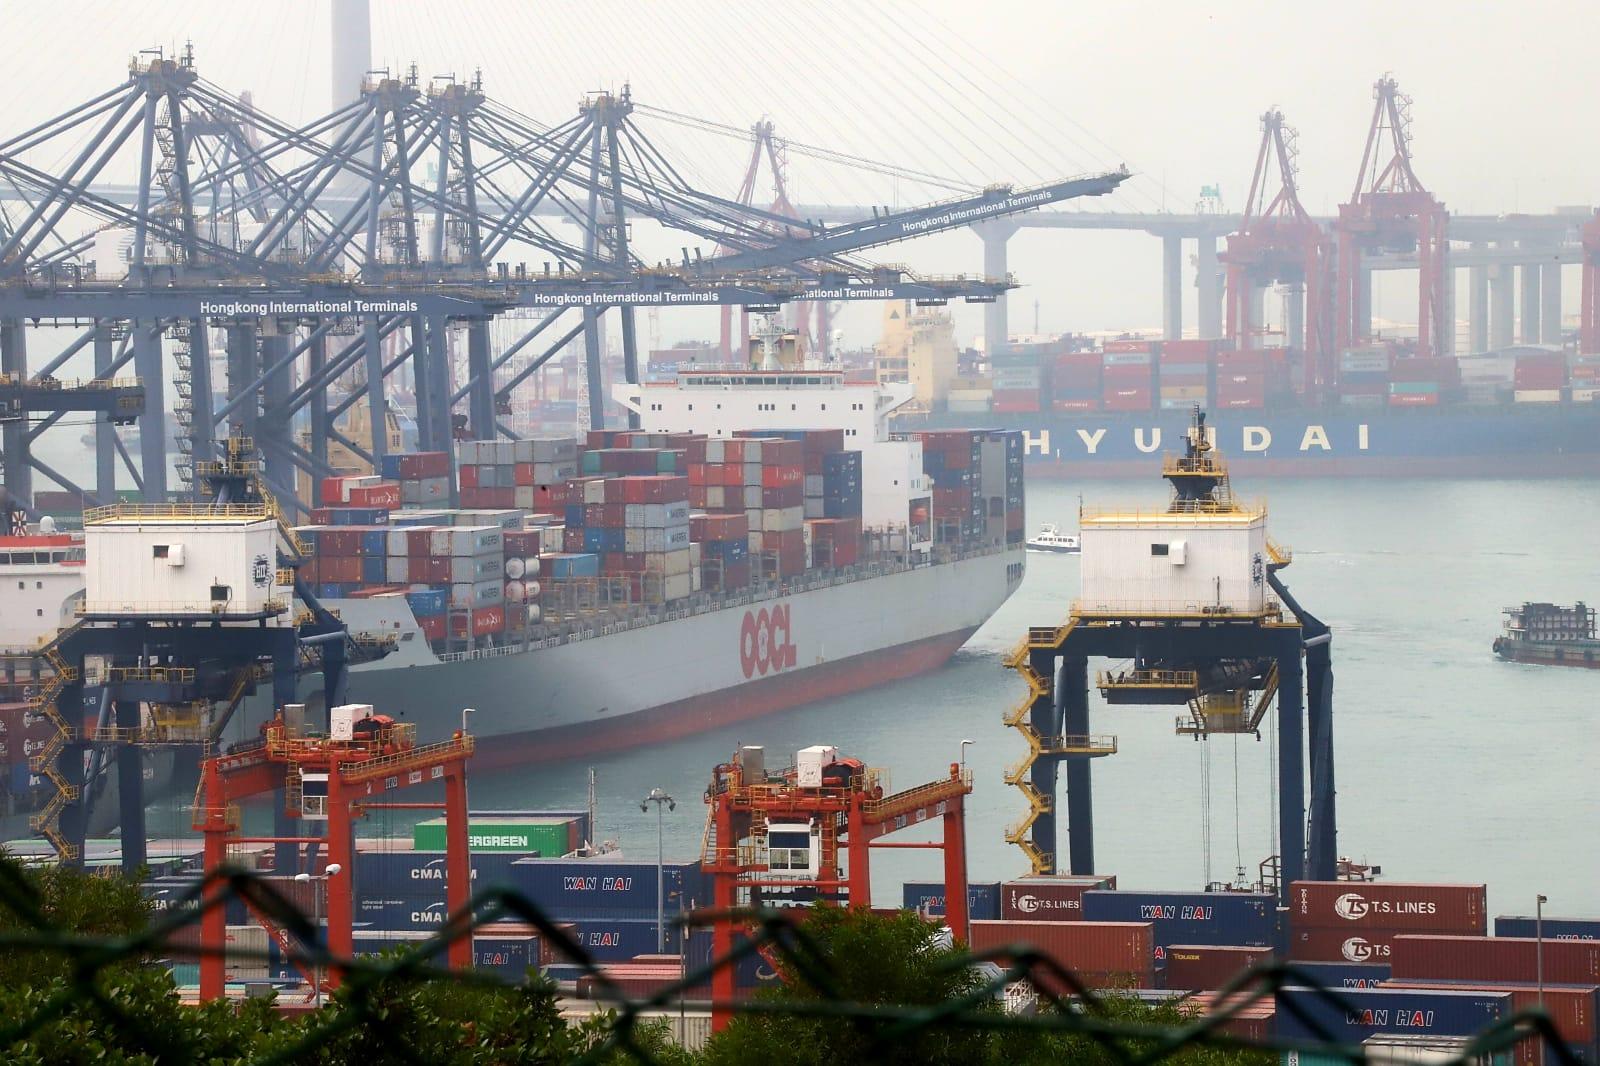 葵涌货柜码头货轮求救虚惊一场 警员收队离开